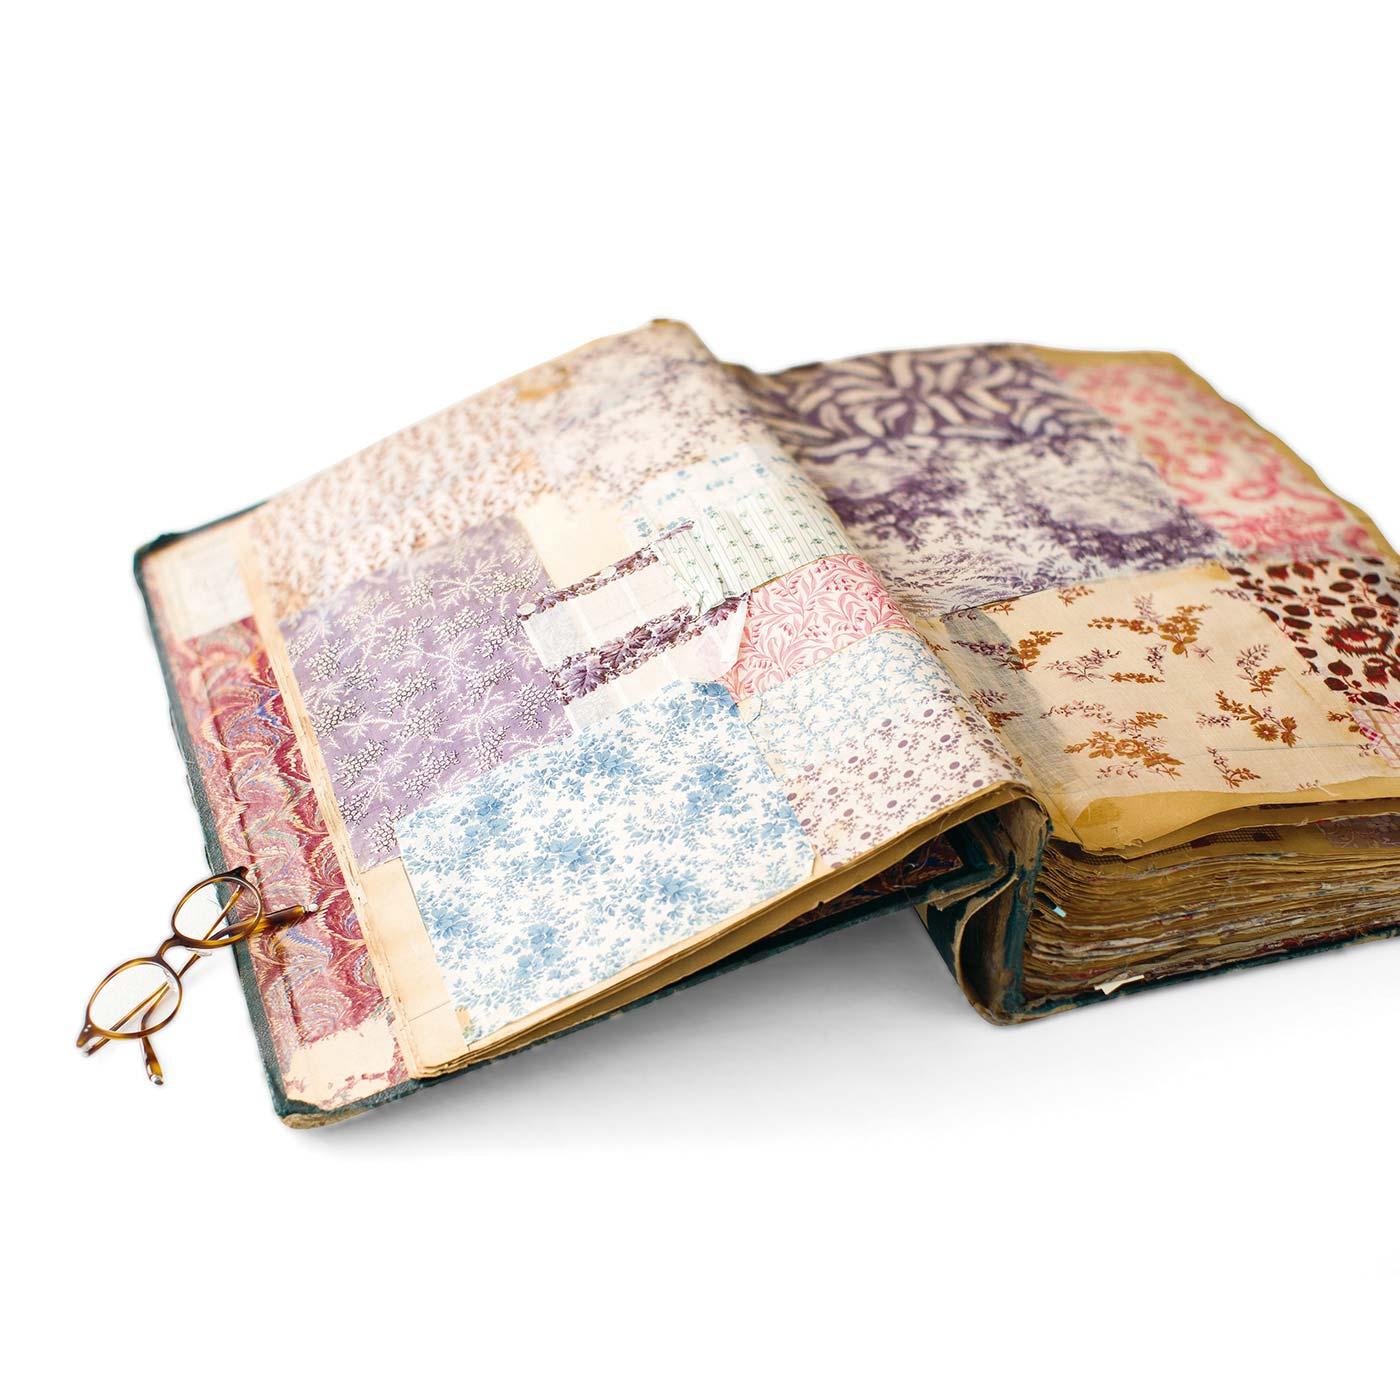 1850年前後にフランスで作られたテキスタイルブックから、繊細で美しい花柄を復刻しました。